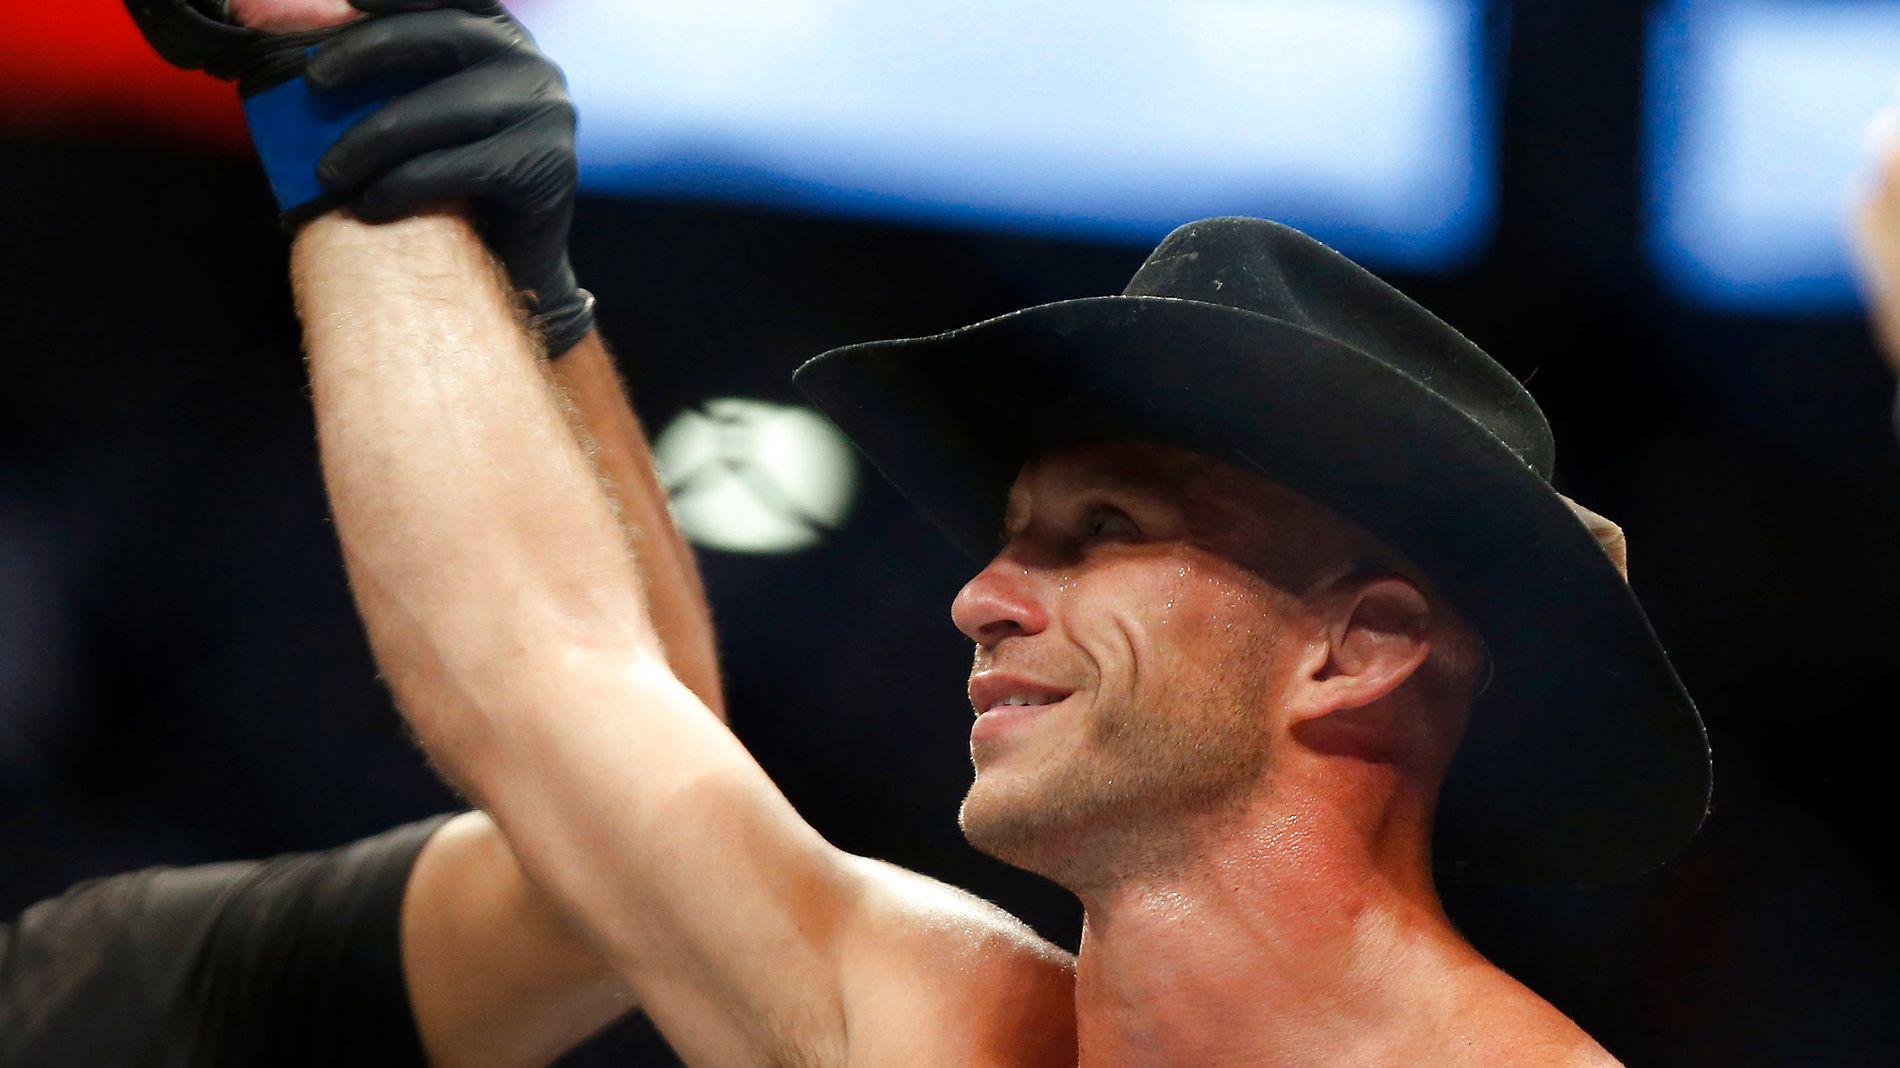 KULT-HELT: Donald Cerrone er blitt en av de mest markante profilene i UFC-sirkuset. Dette bildet er tatt etter seieren mot Rick Story i august i fjor.